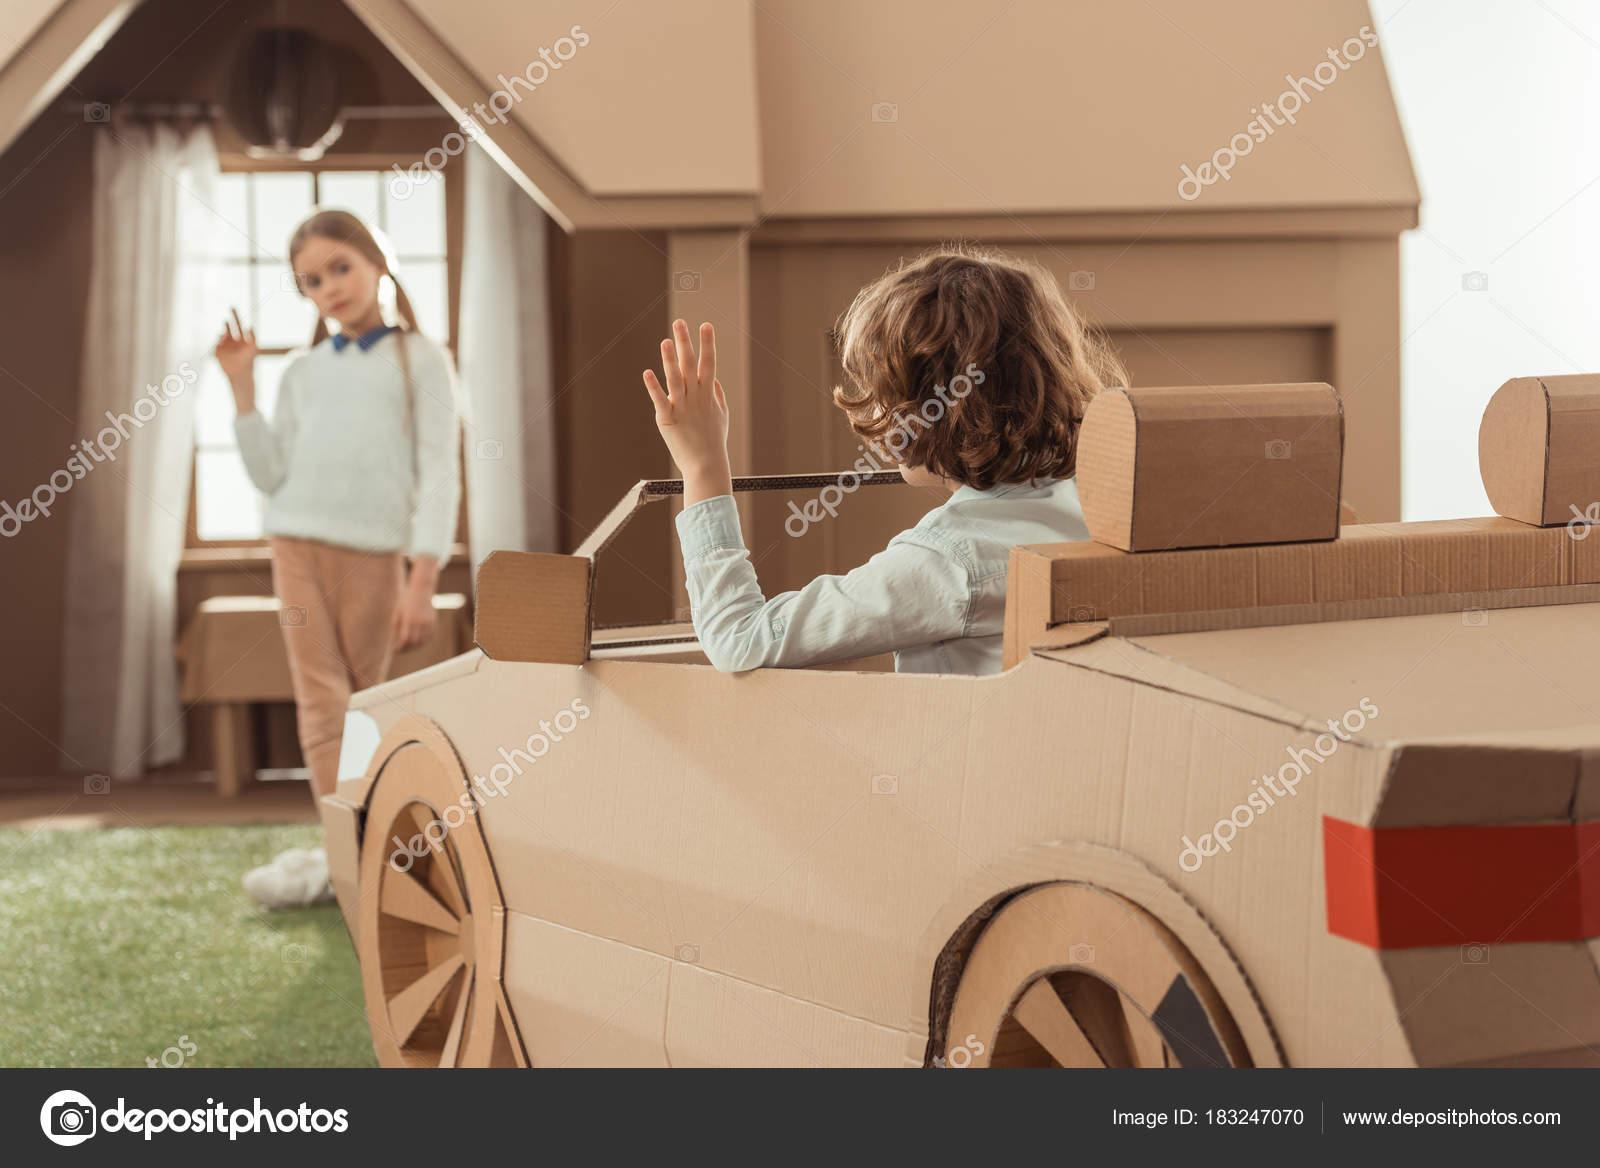 Garotinho Chegou Para Namorada Carro Papelão Stock Photo